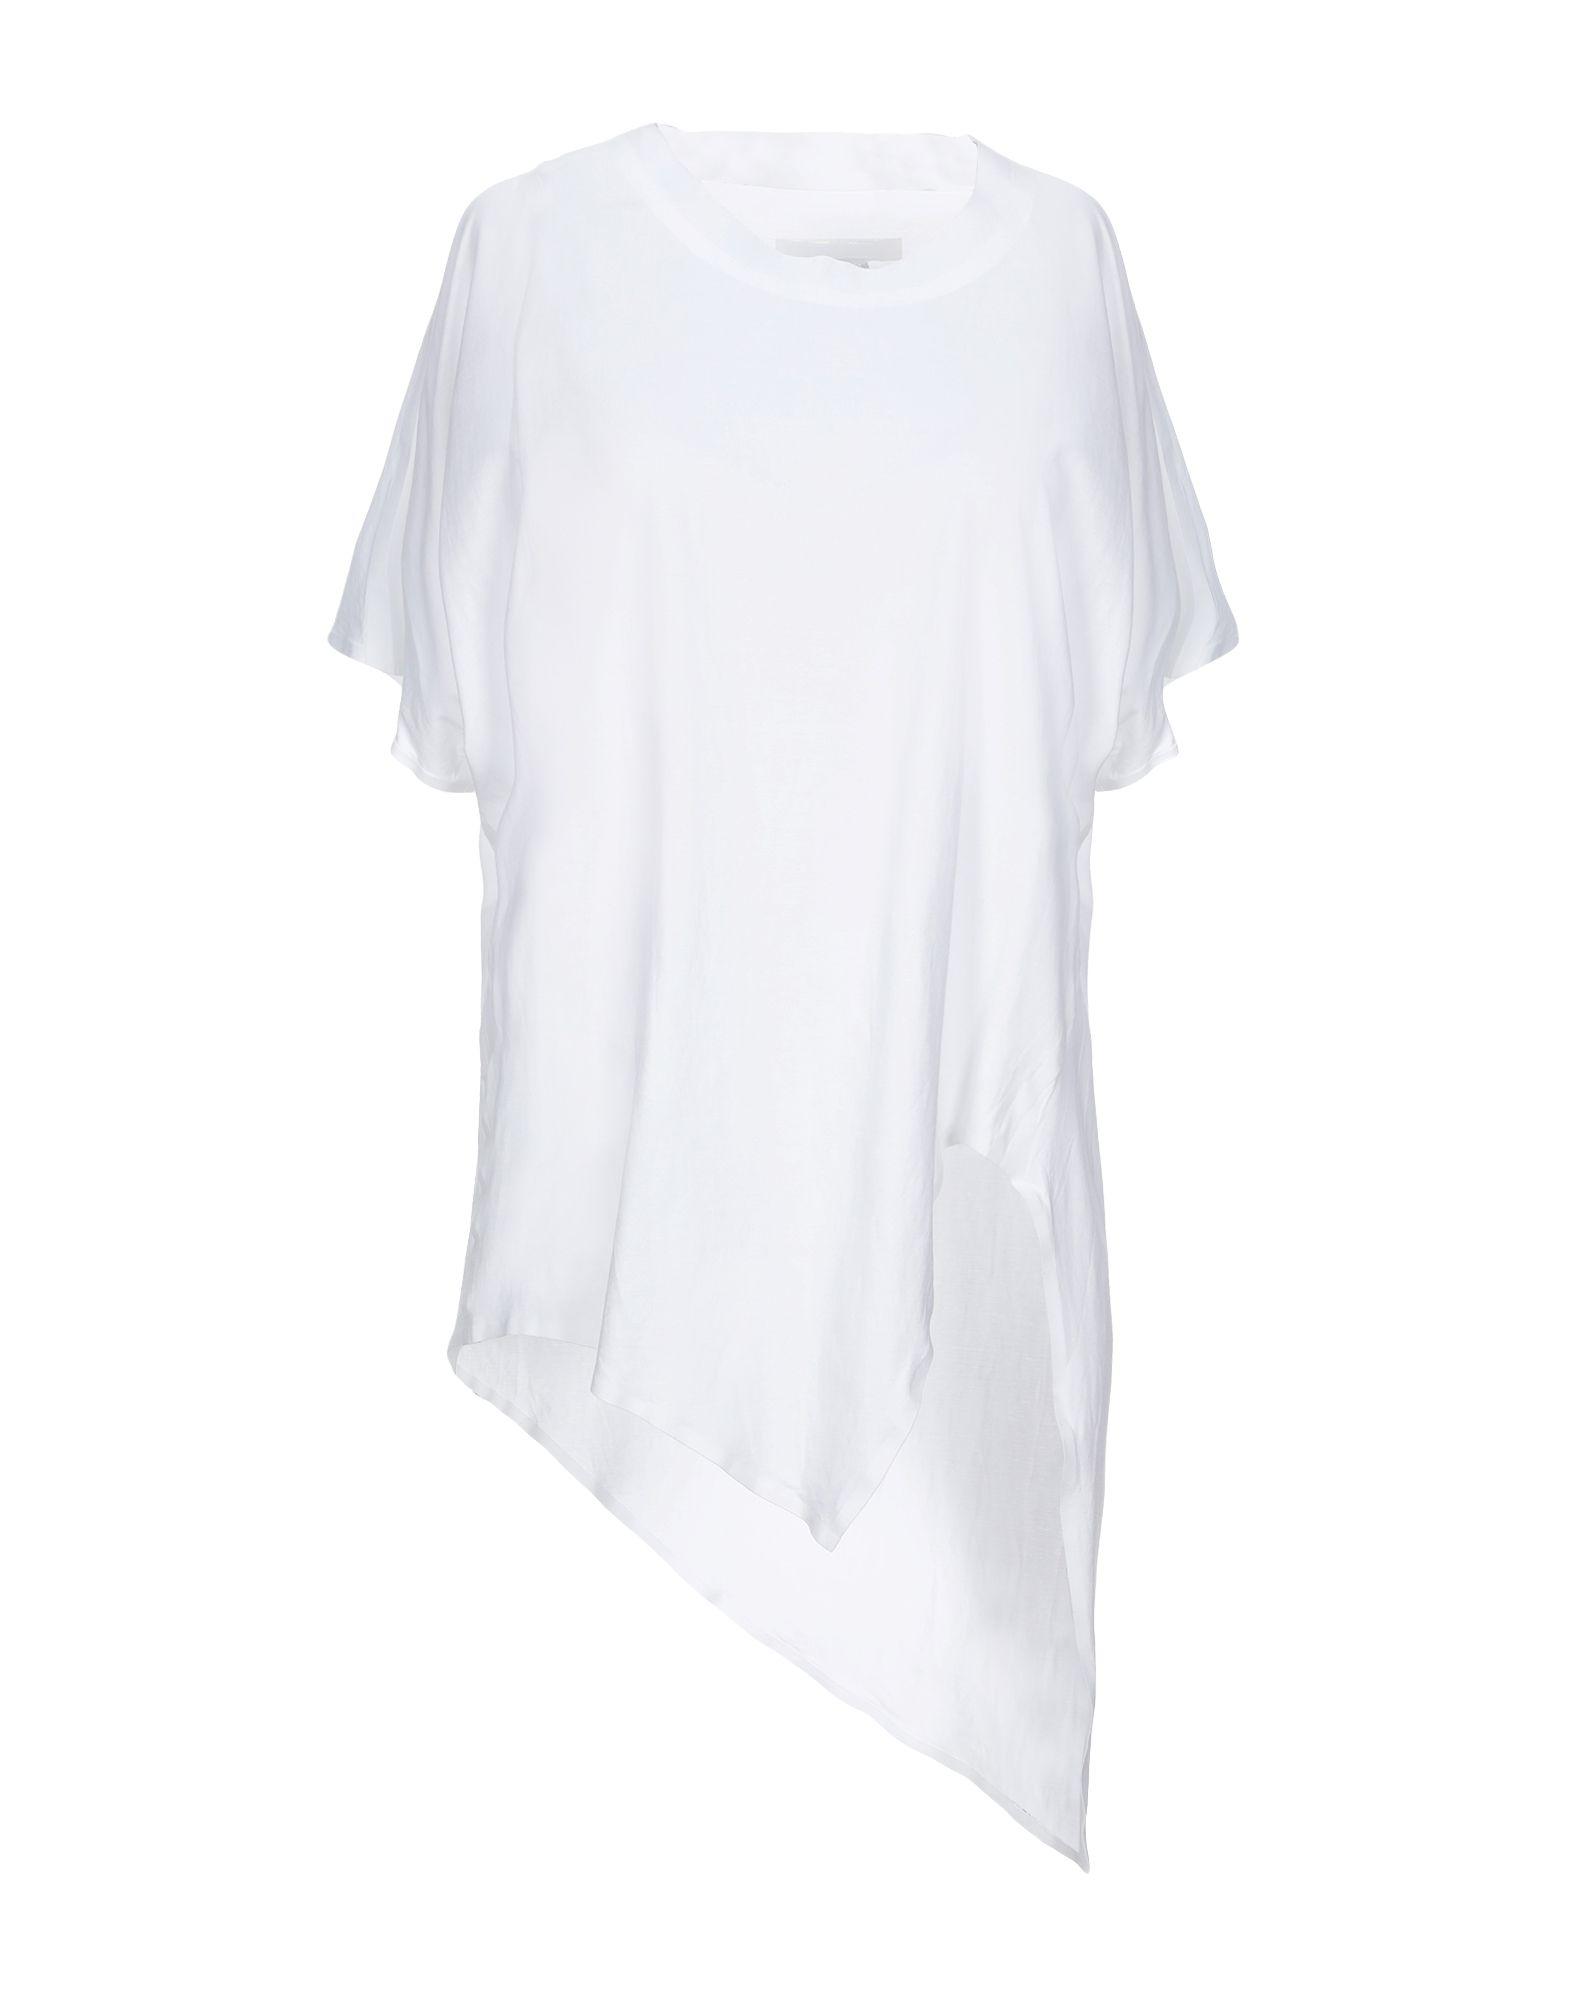 BARBARA ALAN Футболка футболка мужская steven alan